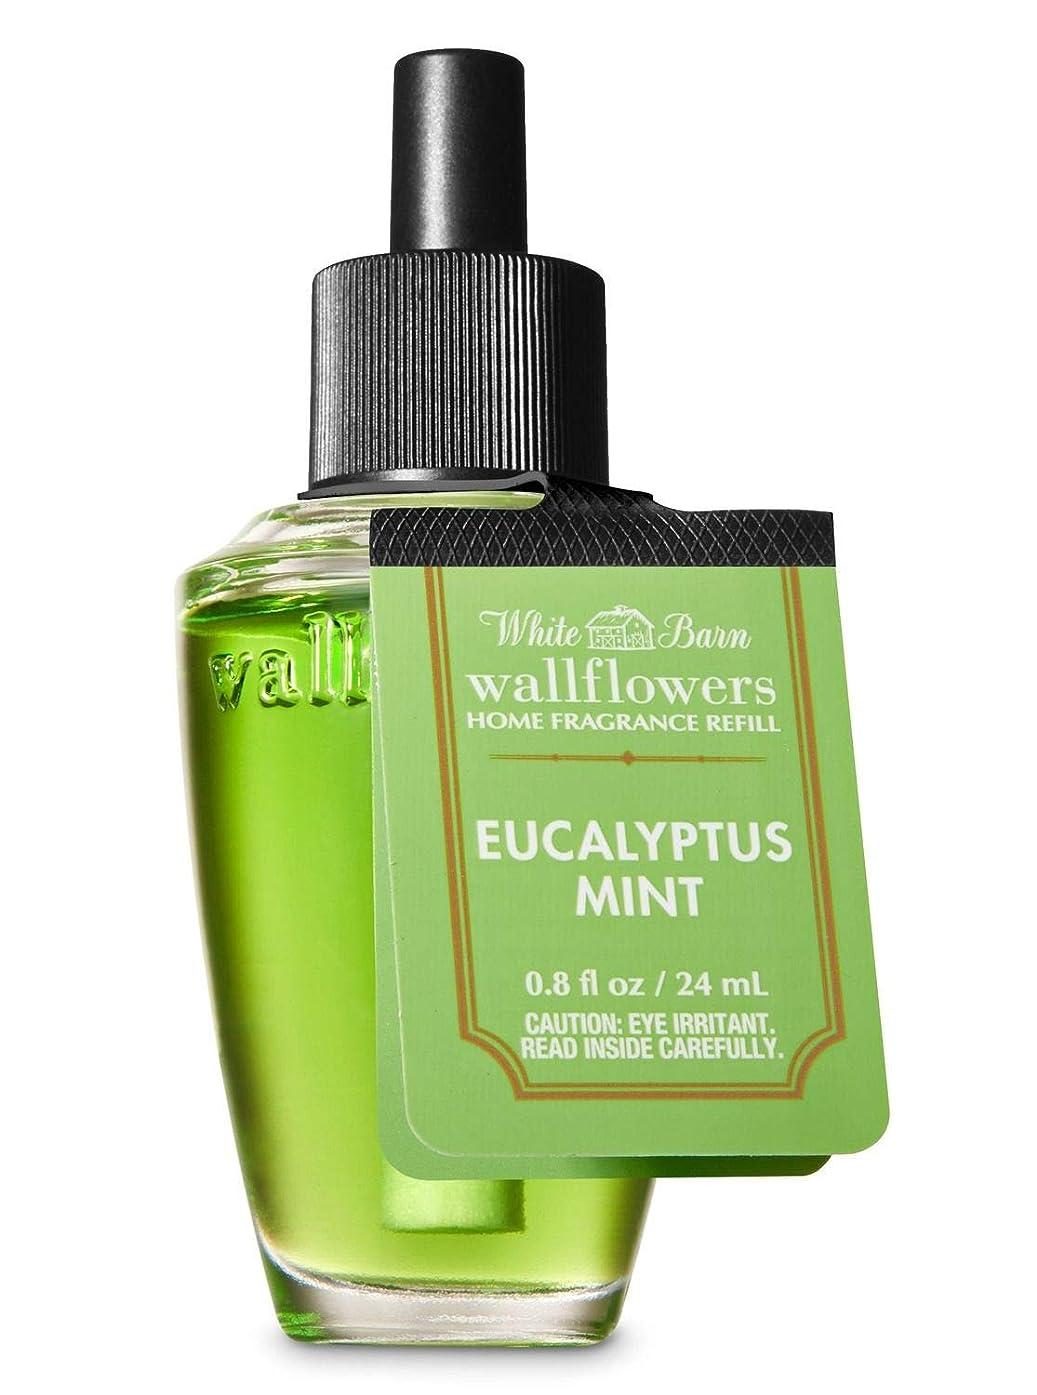 注釈を付けるデジタル病者【Bath&Body Works/バス&ボディワークス】 ルームフレグランス 詰替えリフィル ユーカリミント Wallflowers Home Fragrance Refill Eucalyptus Mint [並行輸入品]